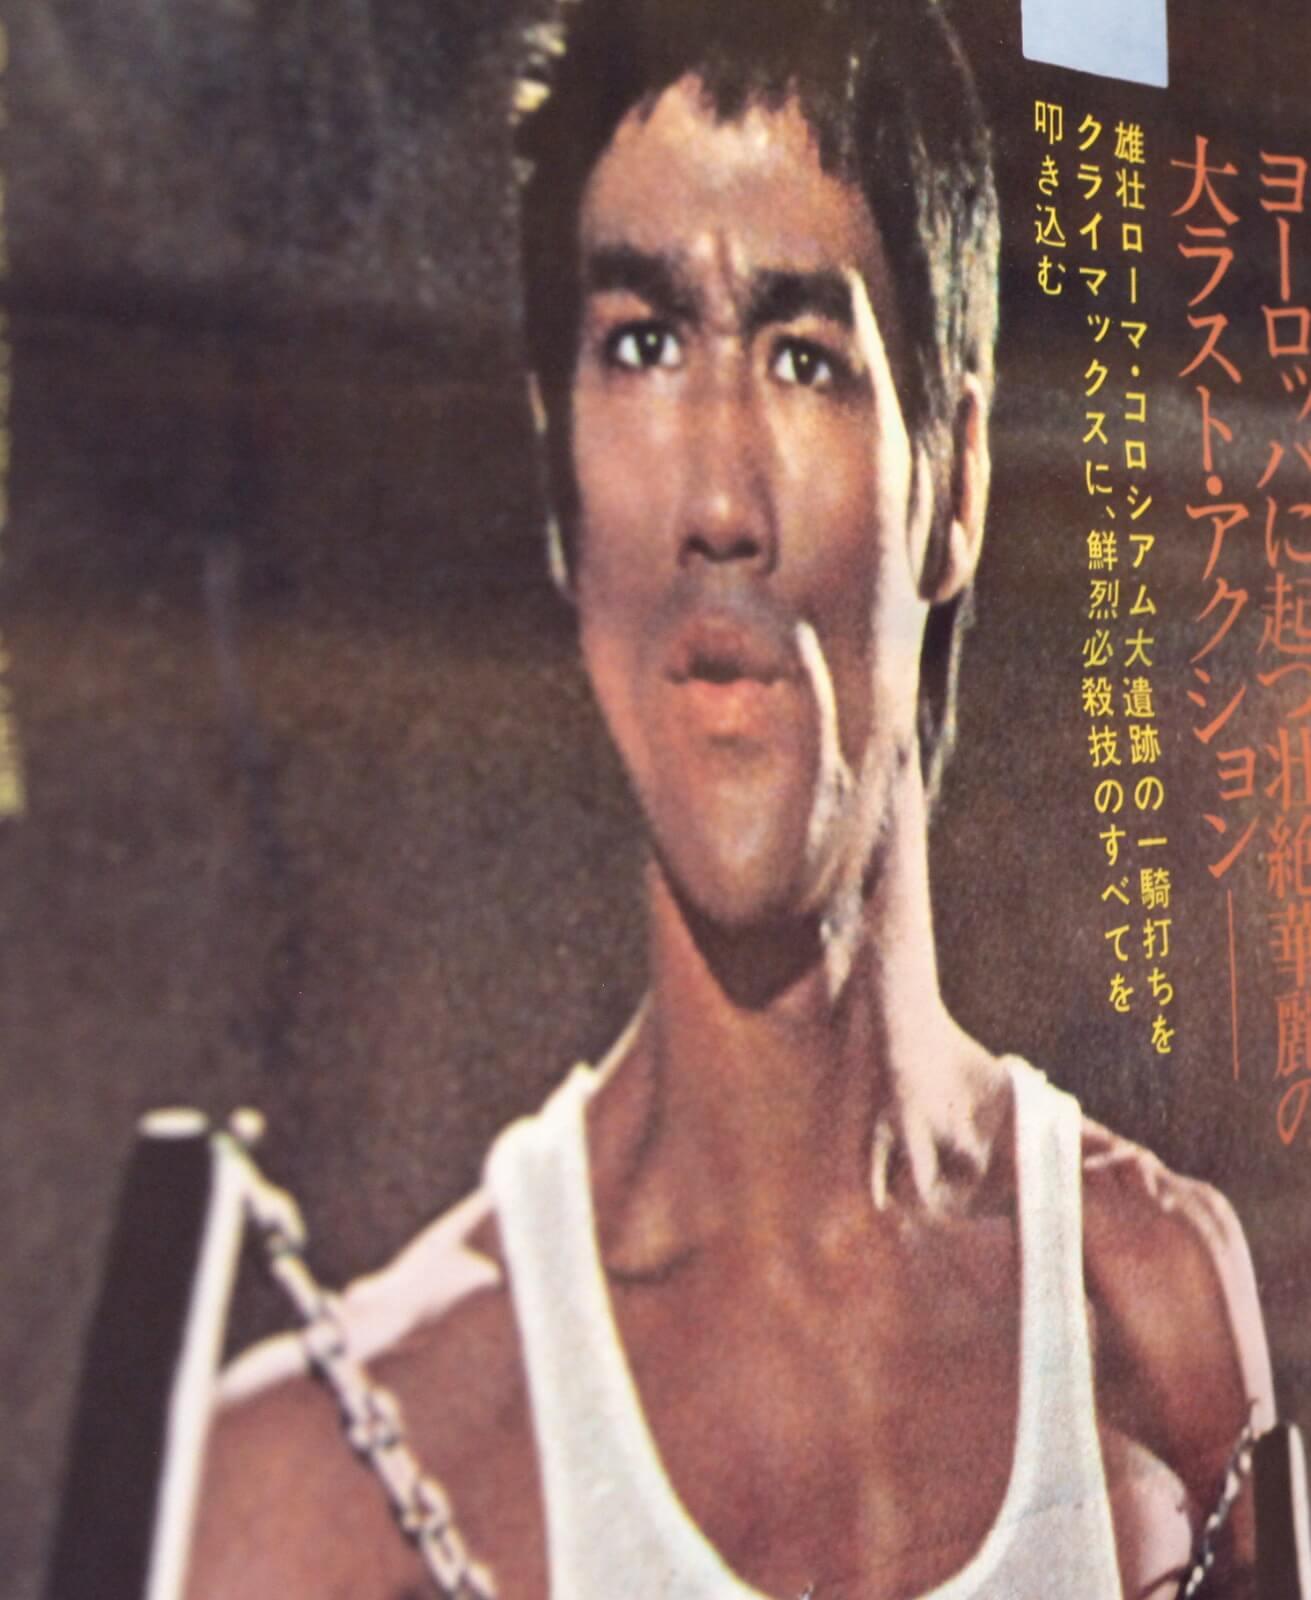 李小龍電影有不同的版本,外國影迷搜羅世界各地的版本,將電影還原分析。